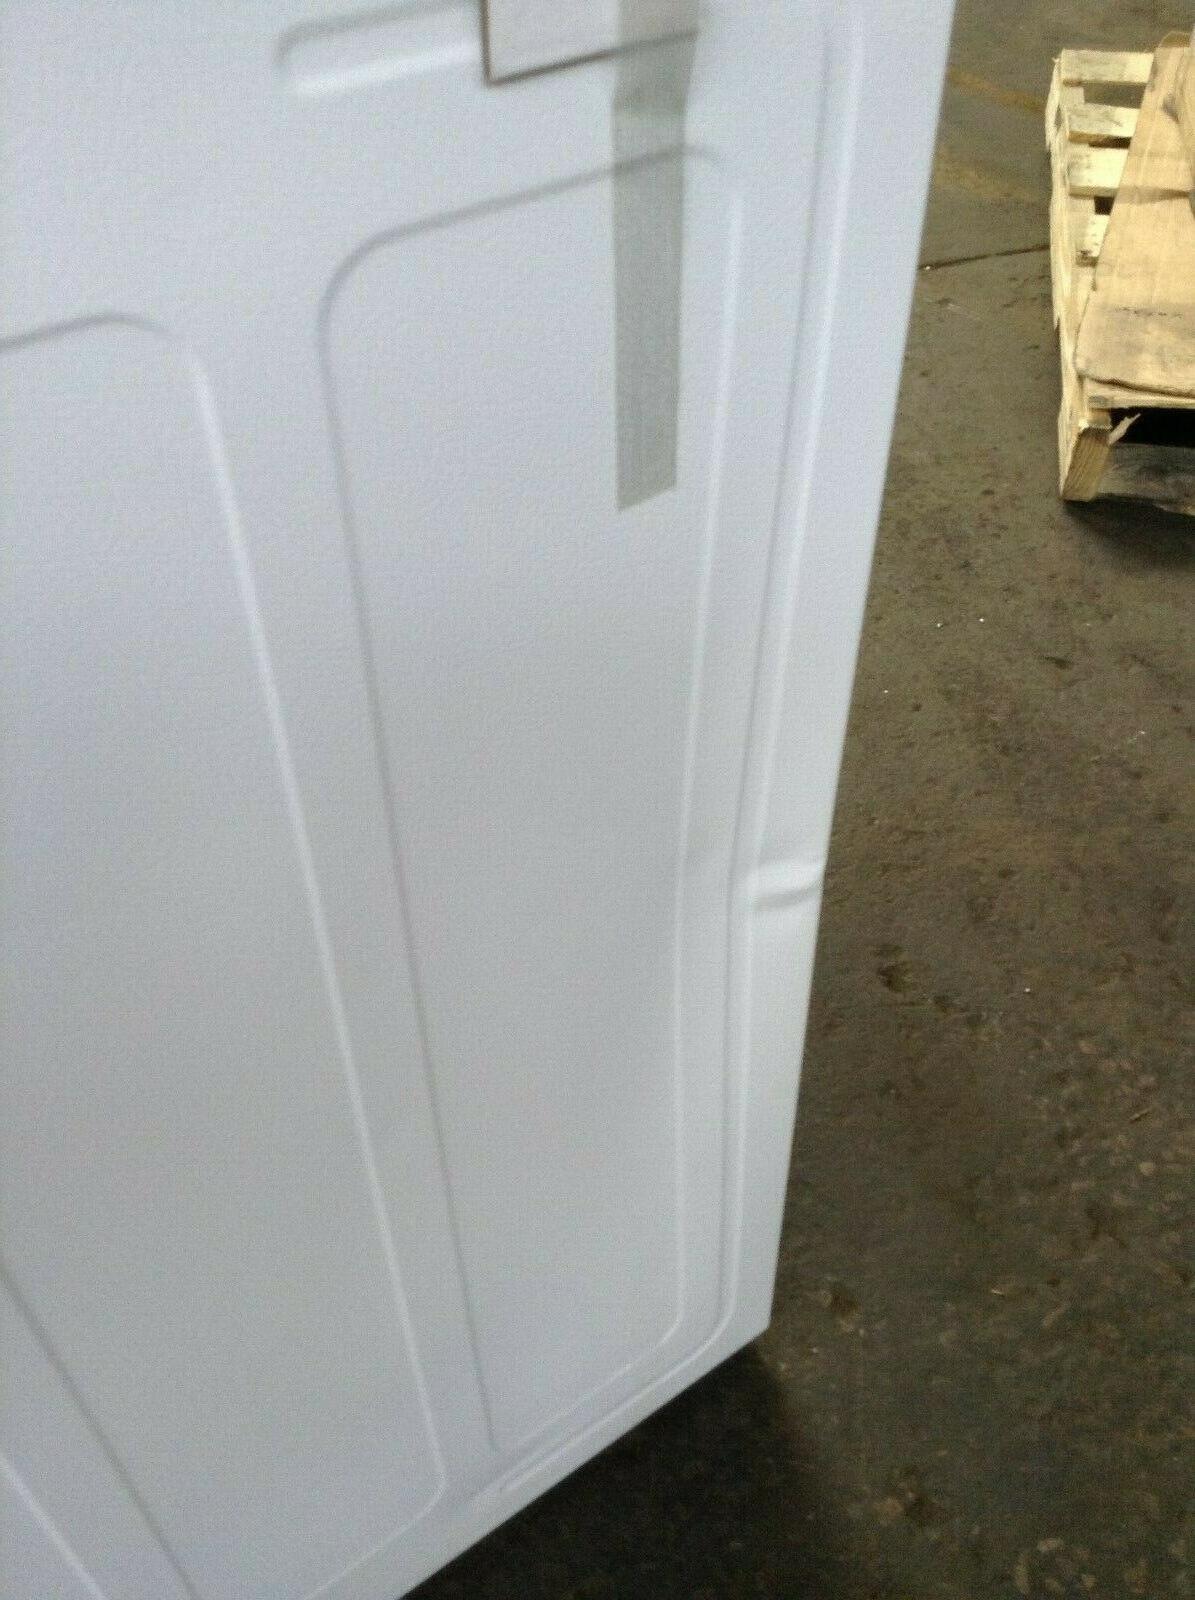 Brand 5.3 ft. Range, White